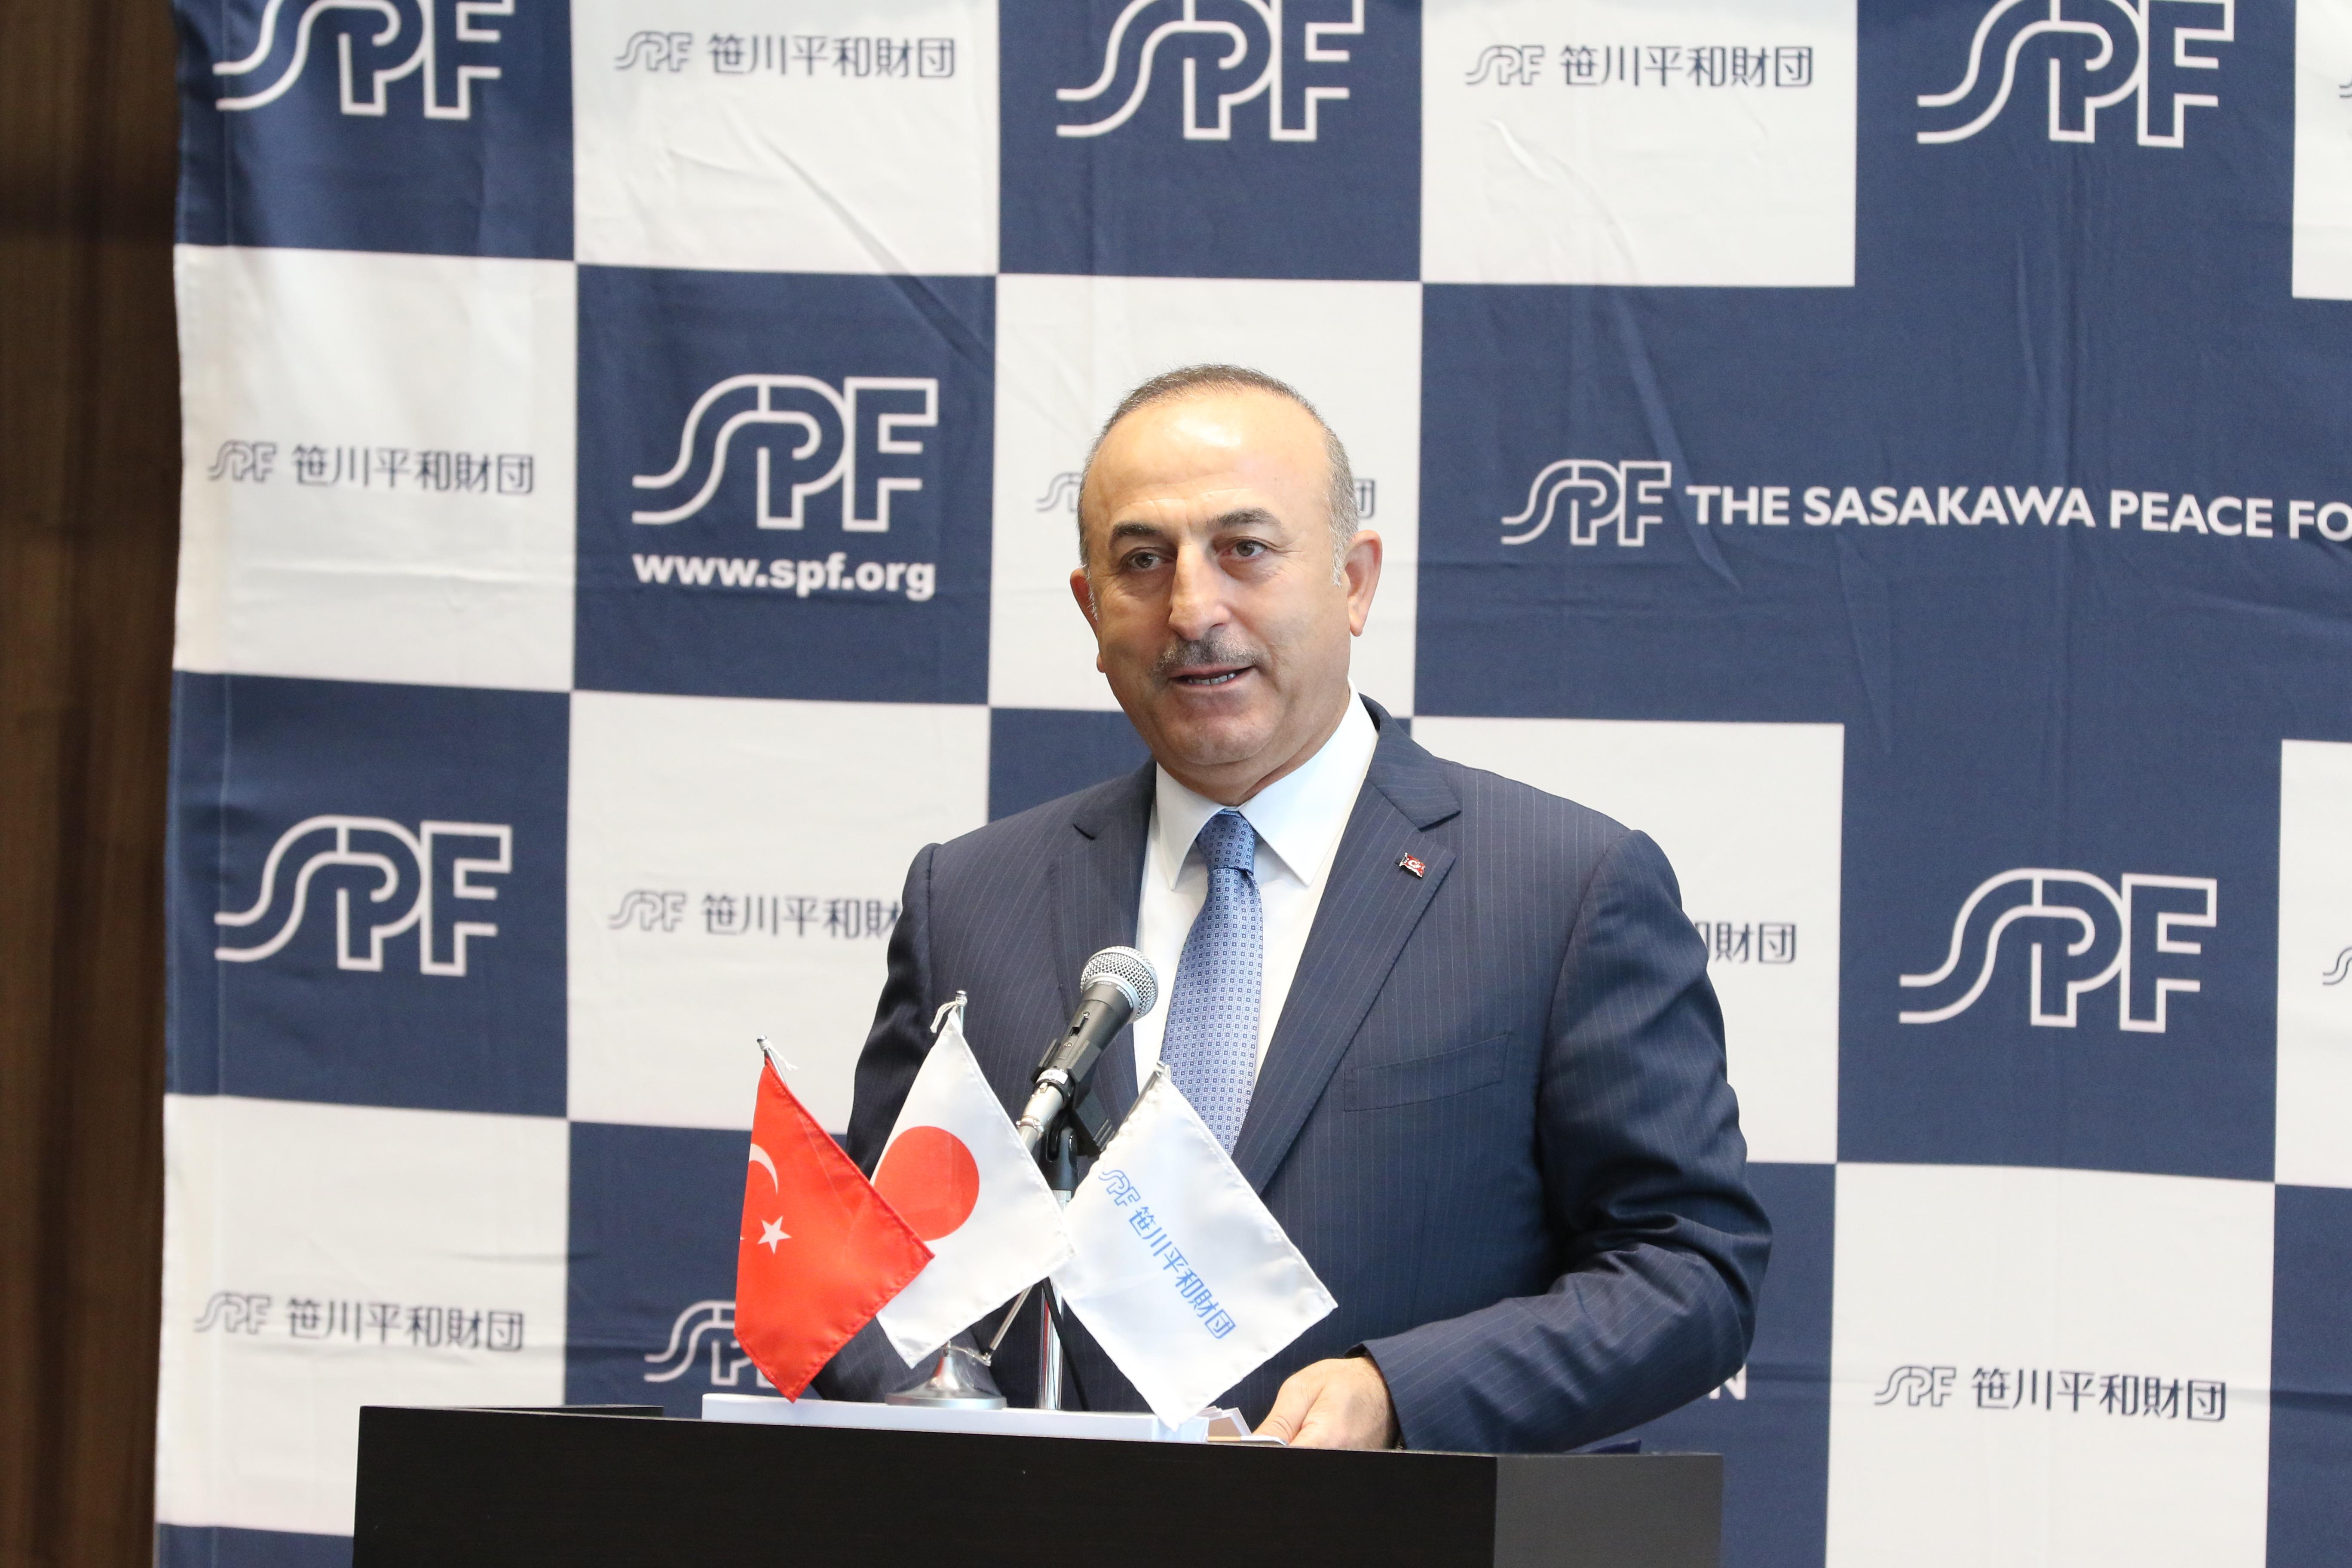 メヴリュット・チャヴショール・トルコ共和国外務大臣来日記念講演会「最新の中東情勢とトルコの役割」